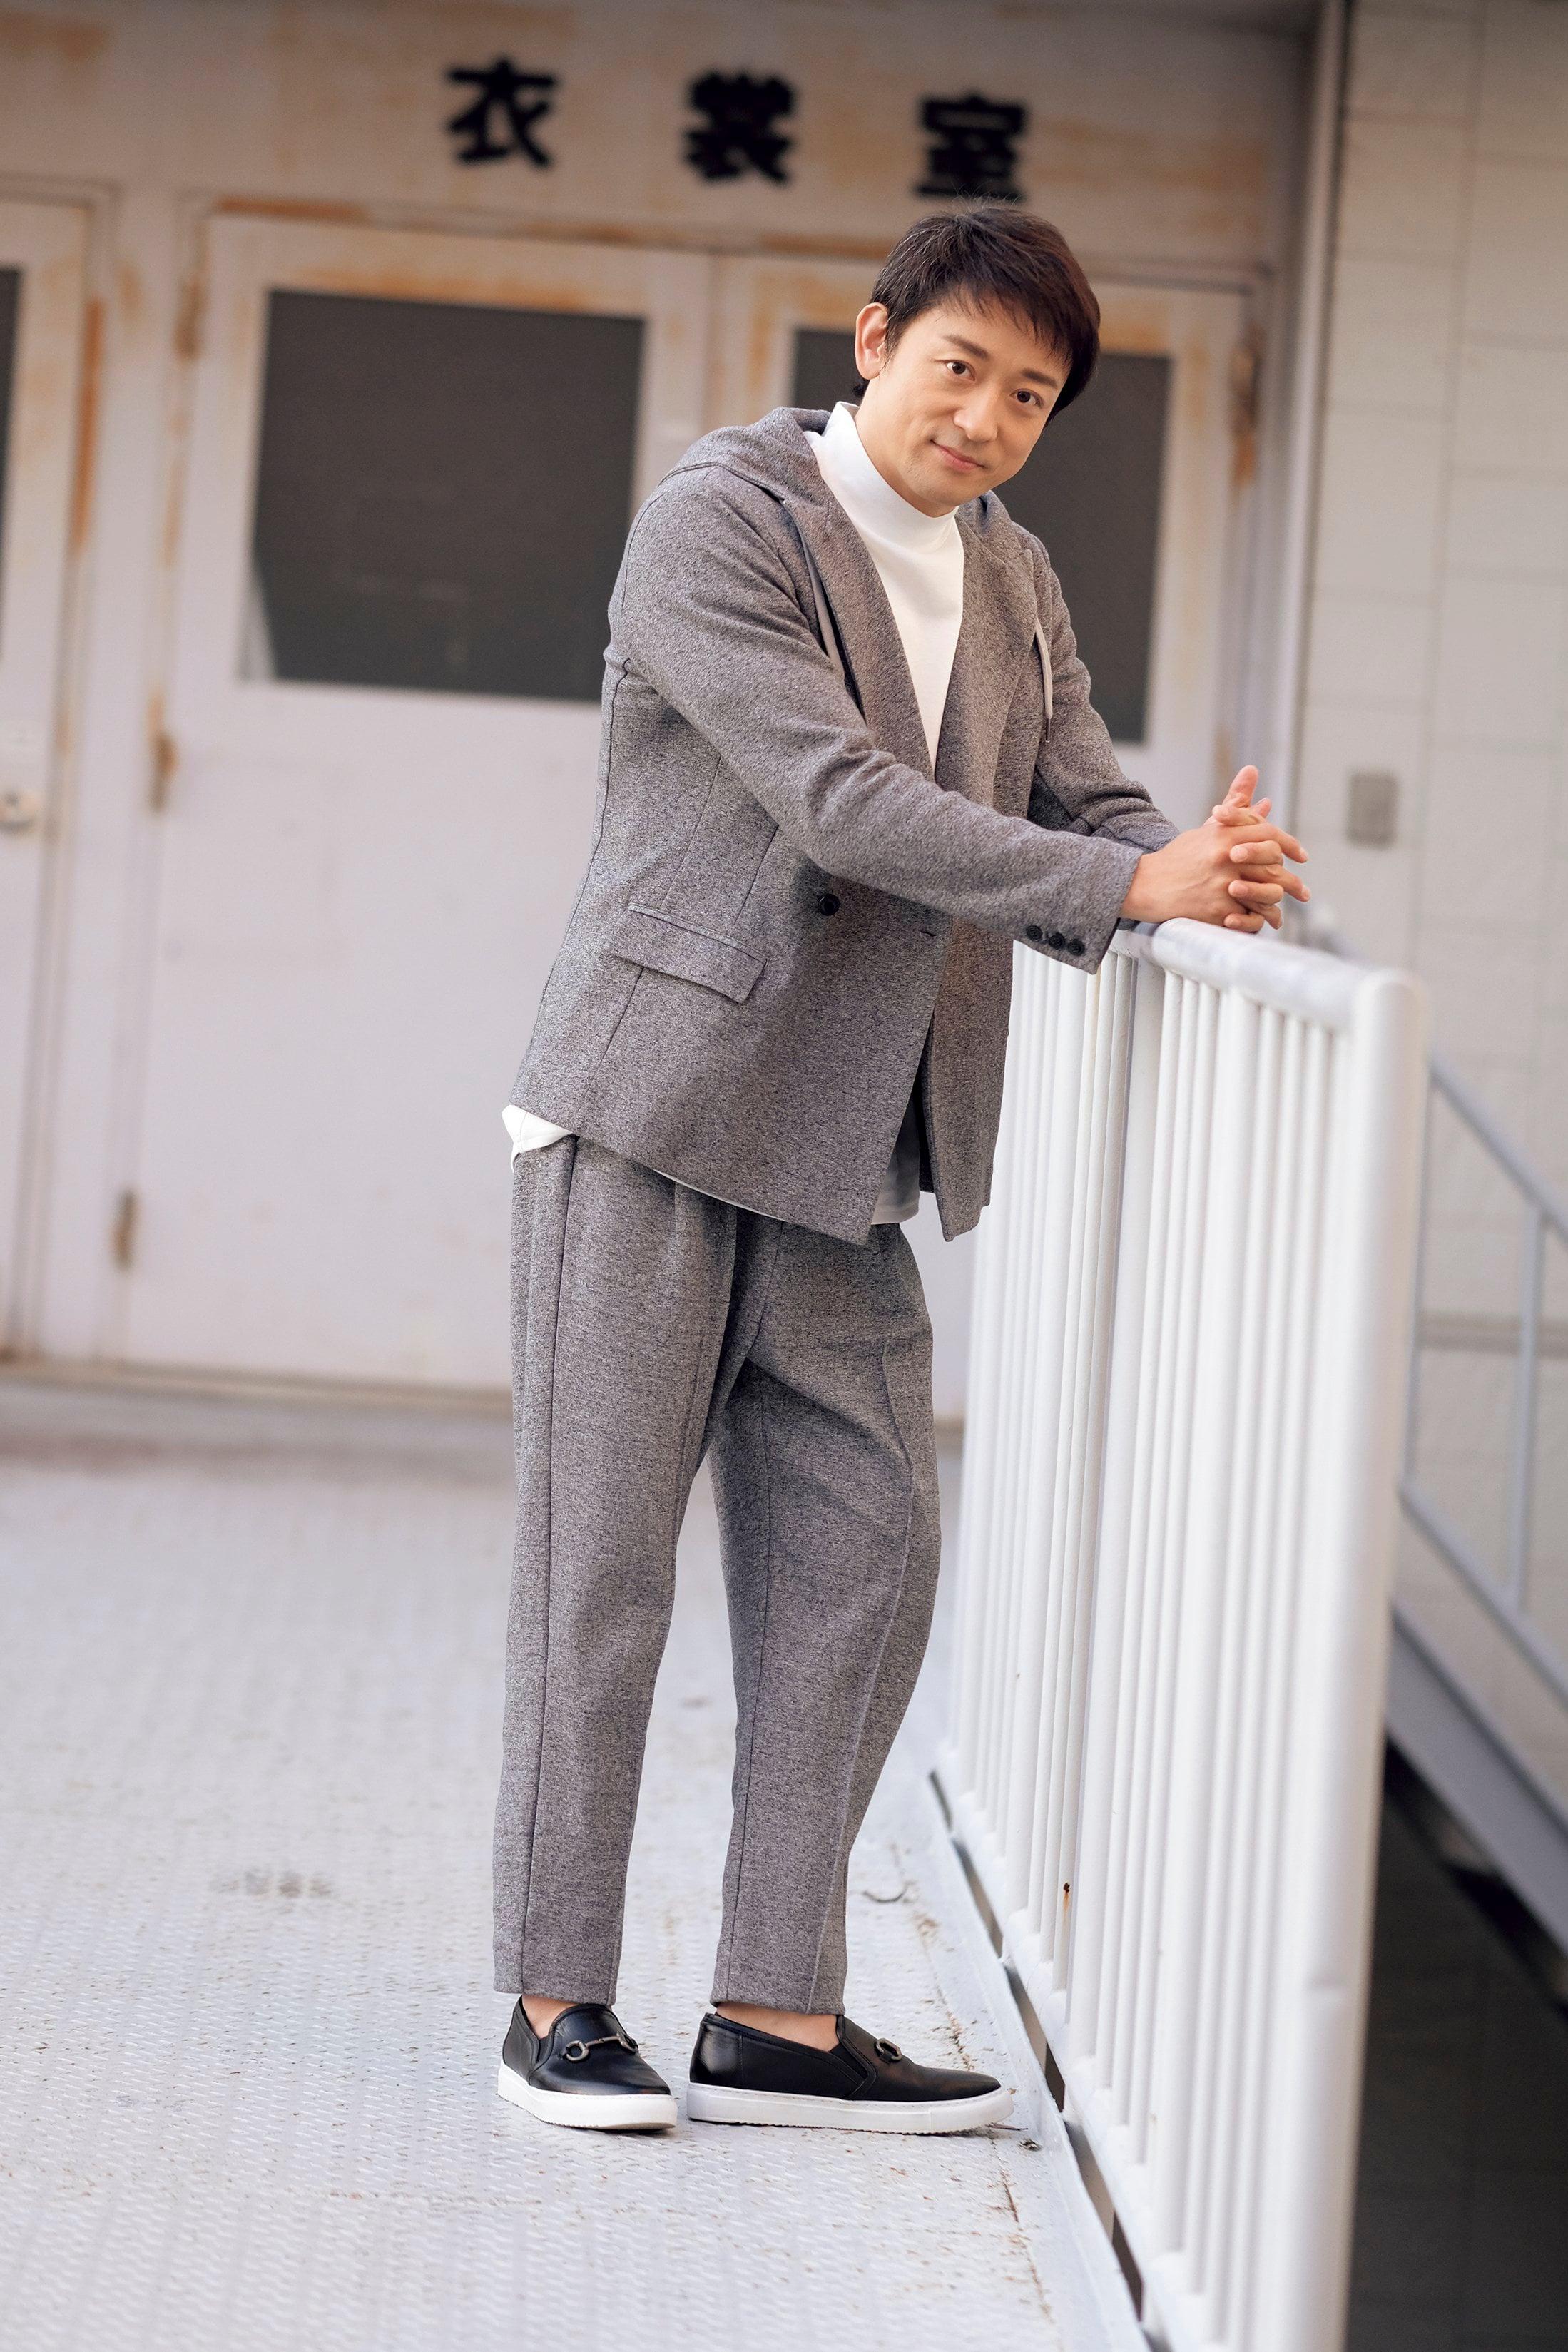 『仮面ライダーゼロワン』山本耕史「自分が父親になって初めて分かったこと」の画像001